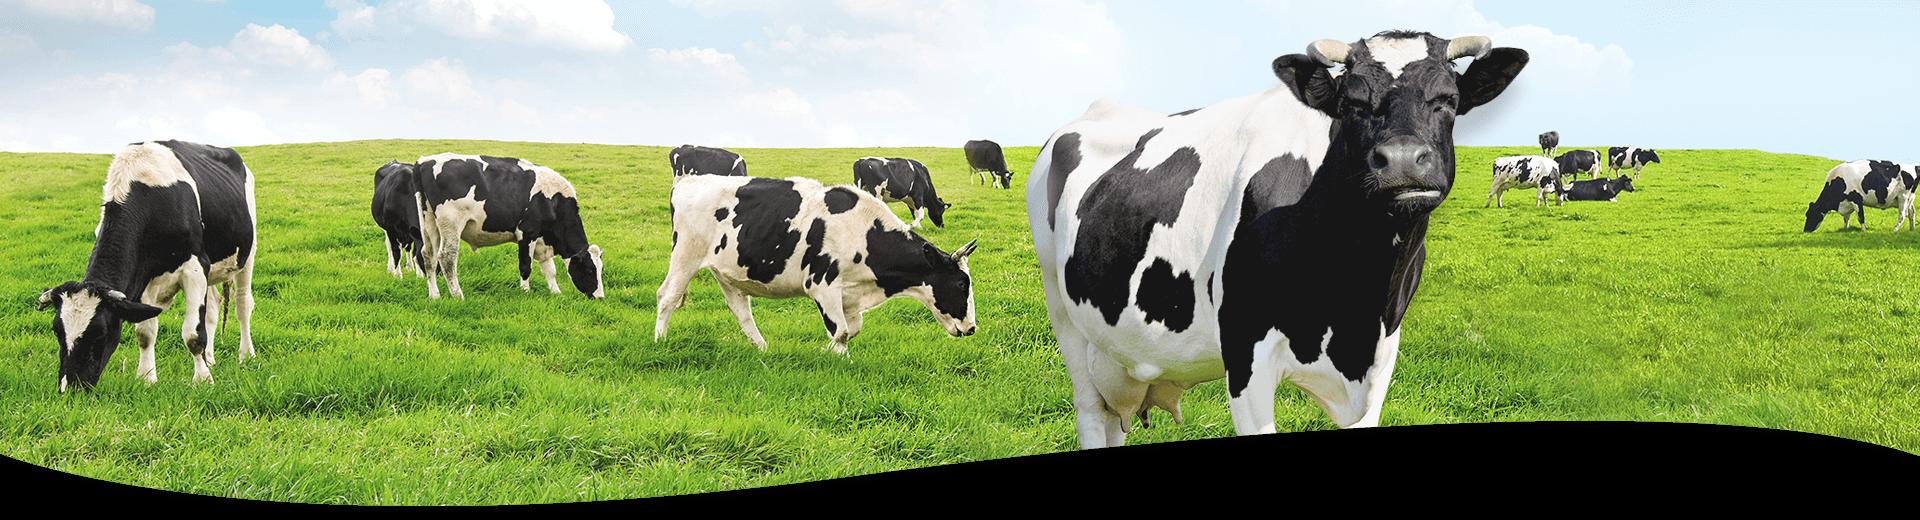 產品資訊-牛奶粉橫幅